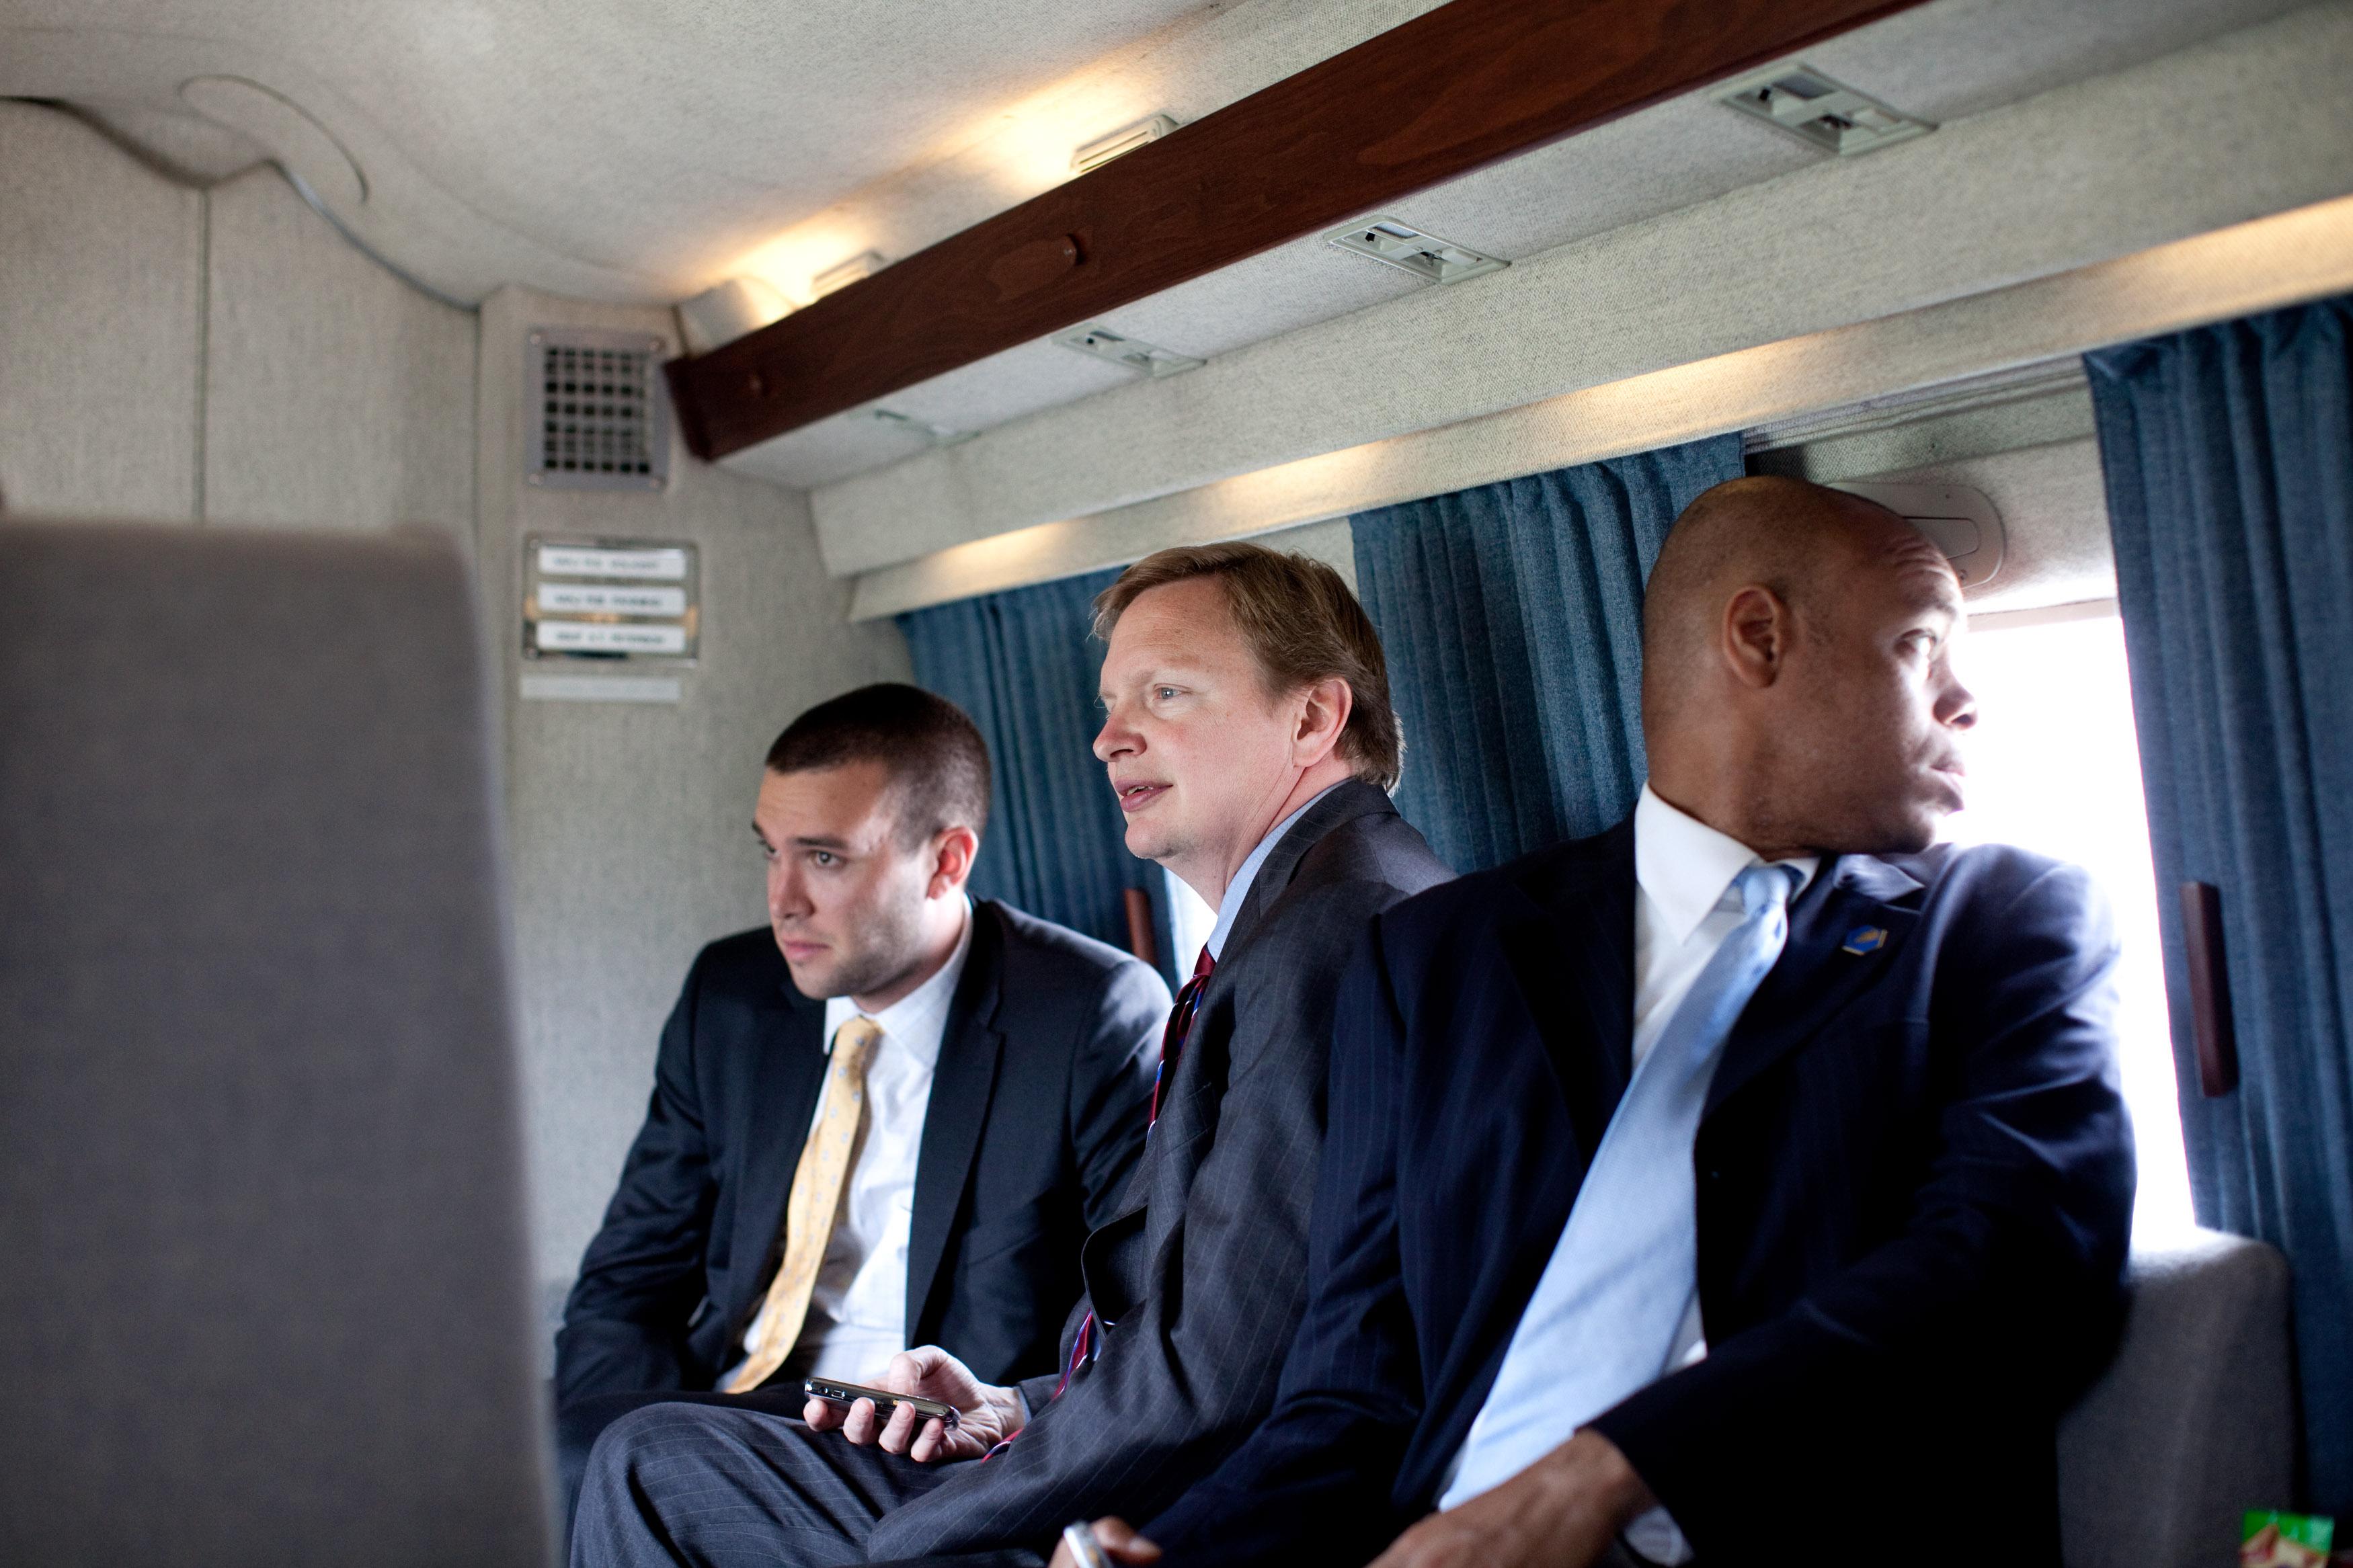 et le directeur des affaires politiques Patrick Gaspard (à droite), 3 membres de l'administration Obama, dans Marine One, retournant à Washington D.C